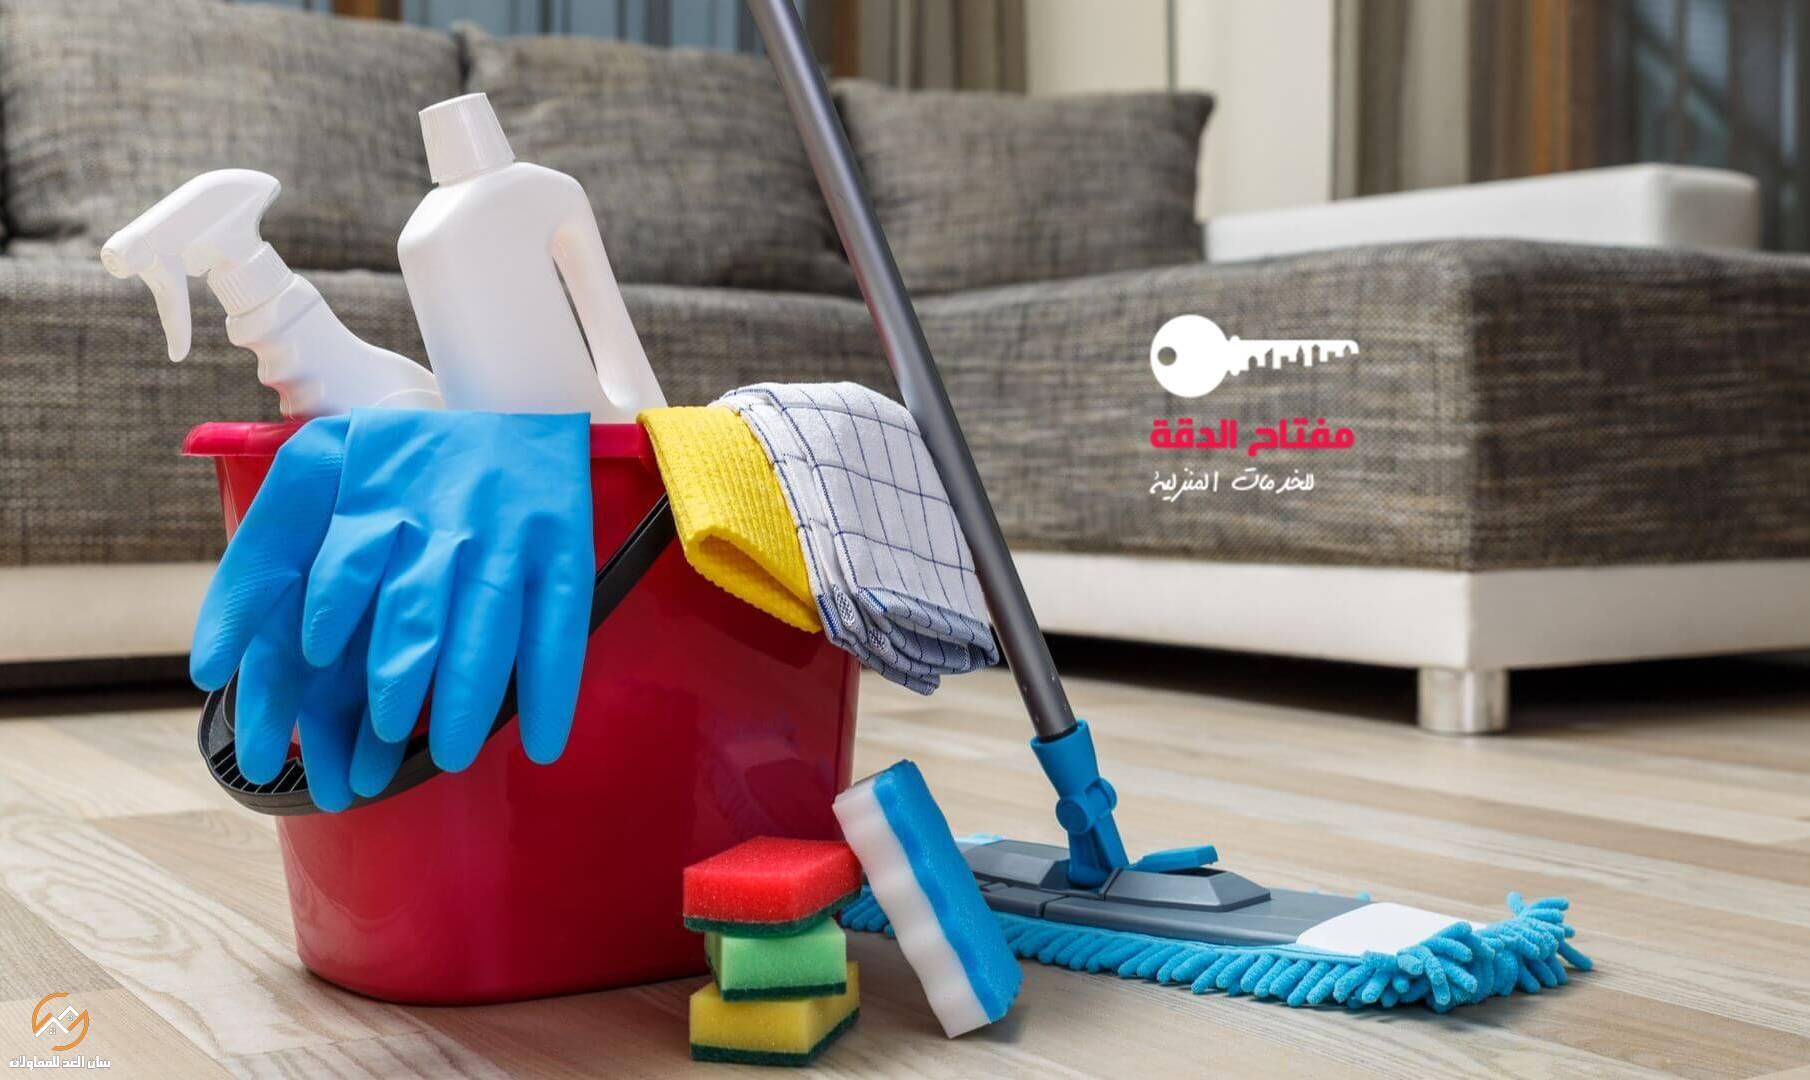 شركة تنظيف منازل بالرياض رخيصه